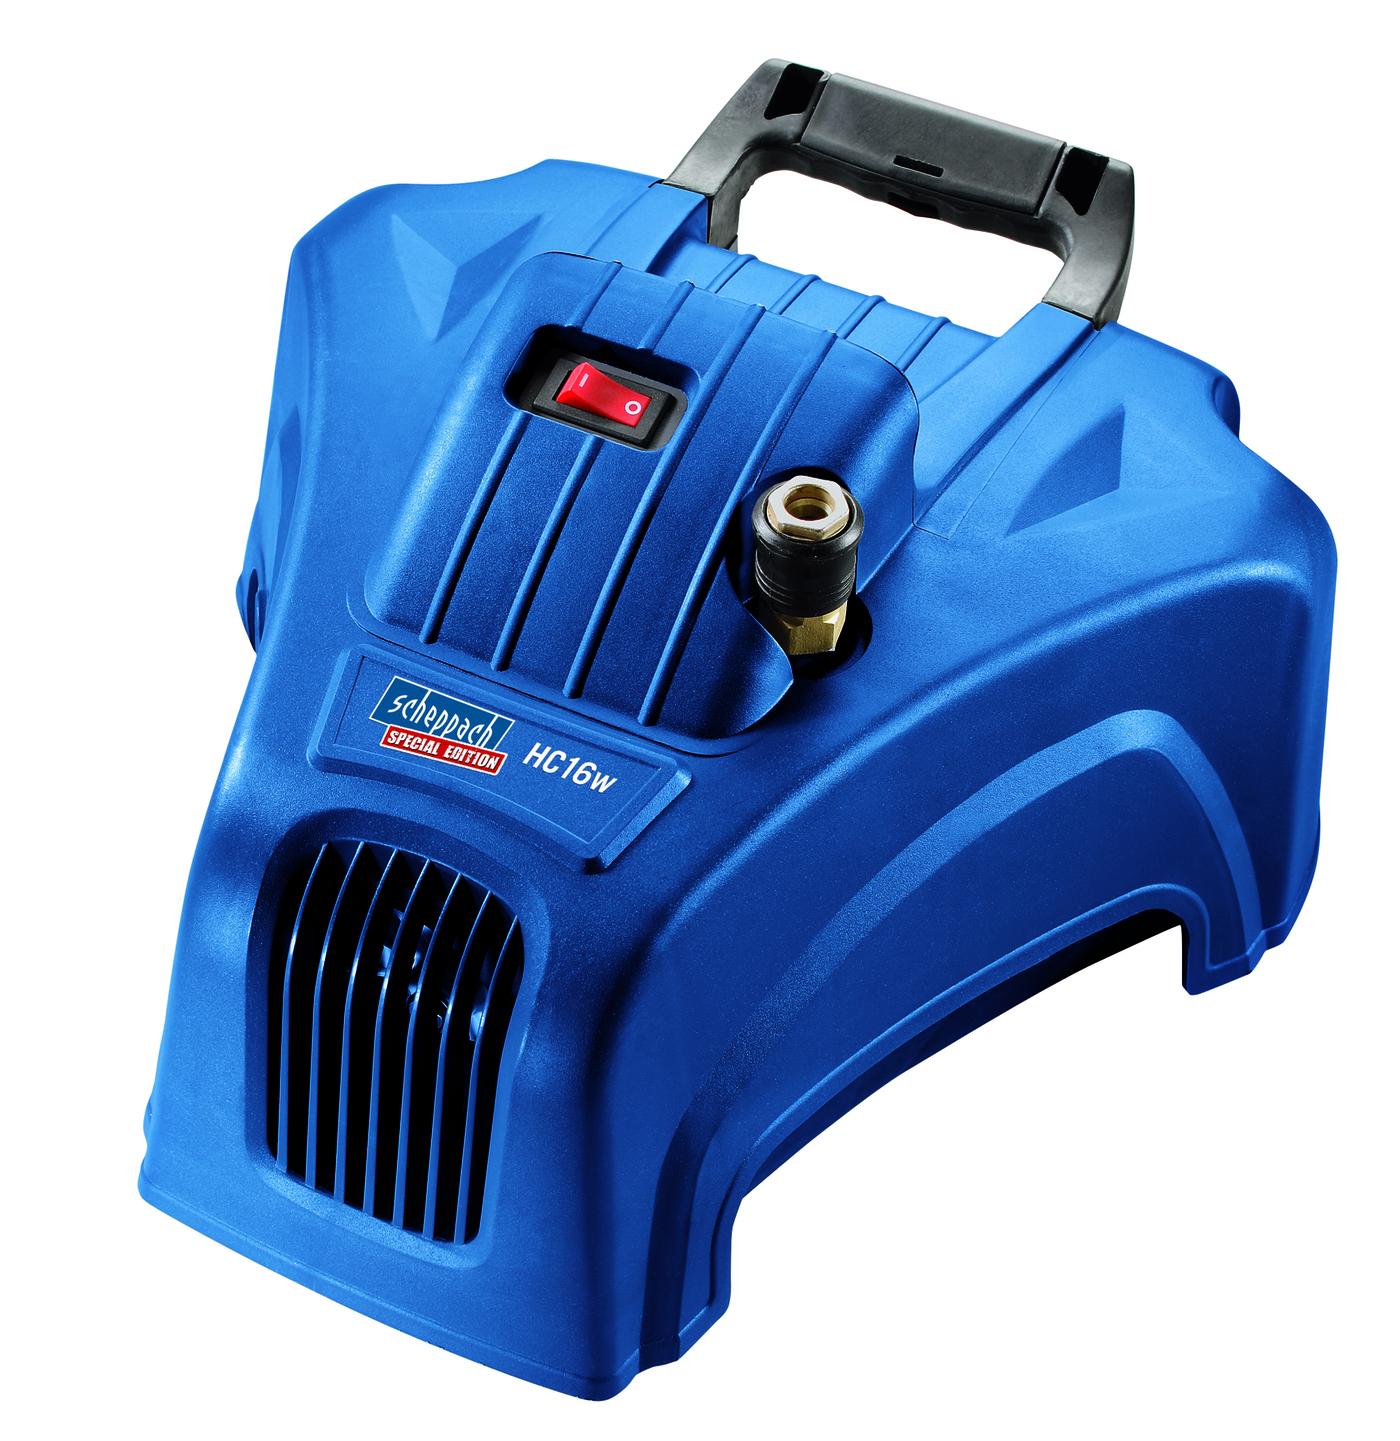 Kompresor HC 16 W s příslušenstvím, 1000W, Scheppach